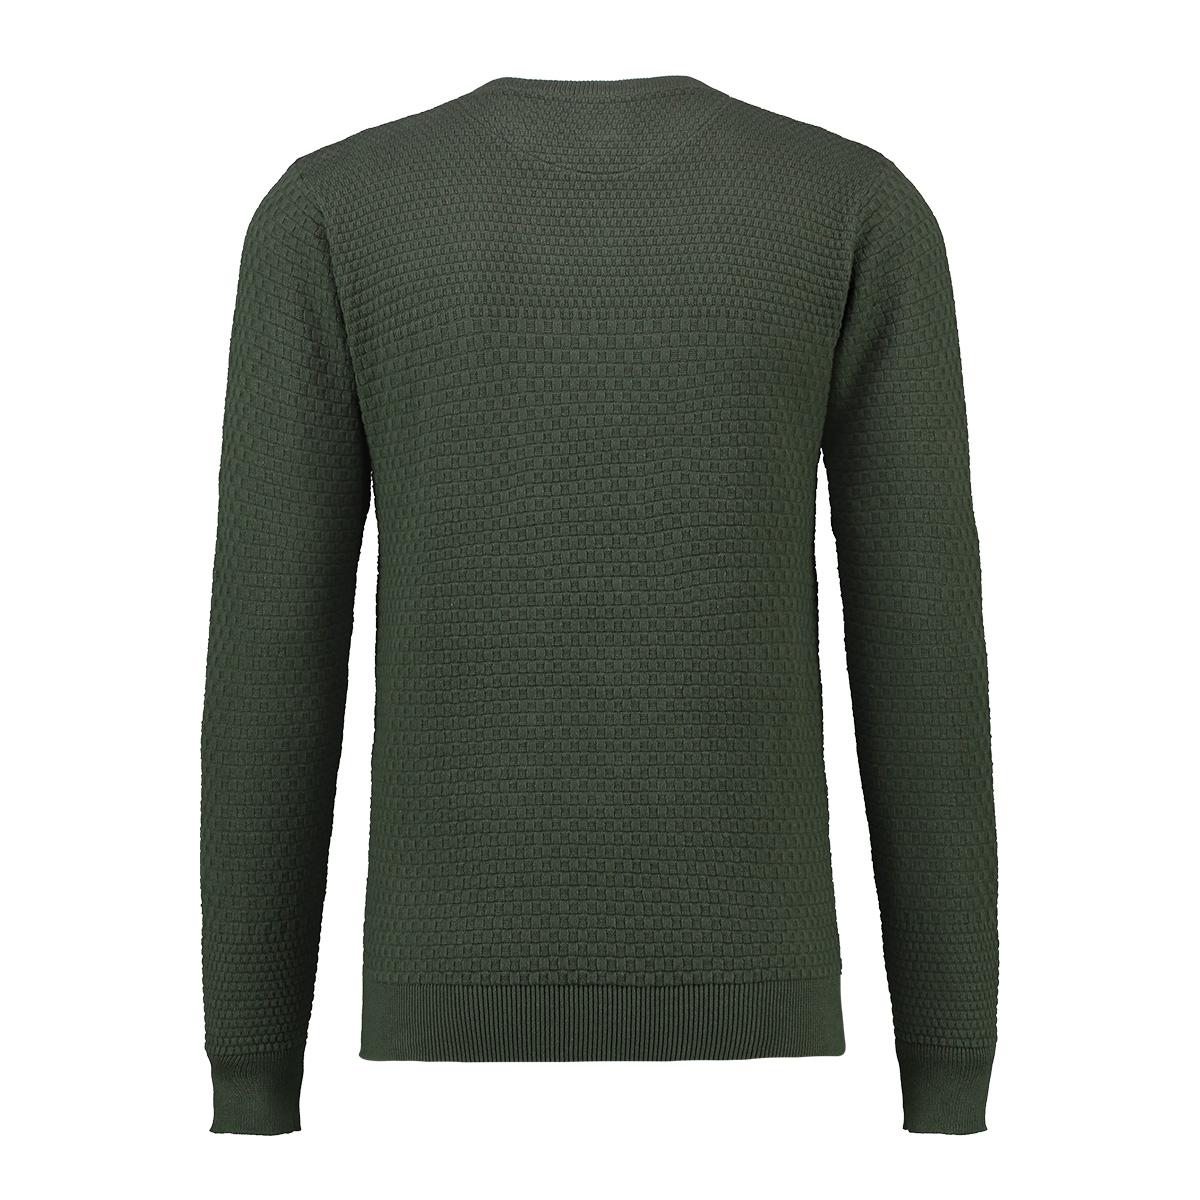 knit light structure mu13 0207 haze & finn trui army green